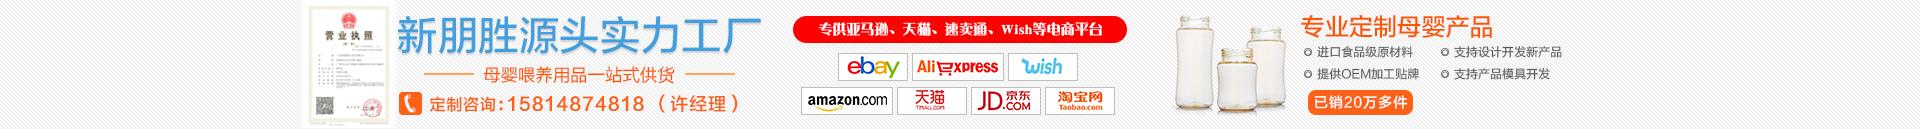 广州市新朋胜日用品有限公司